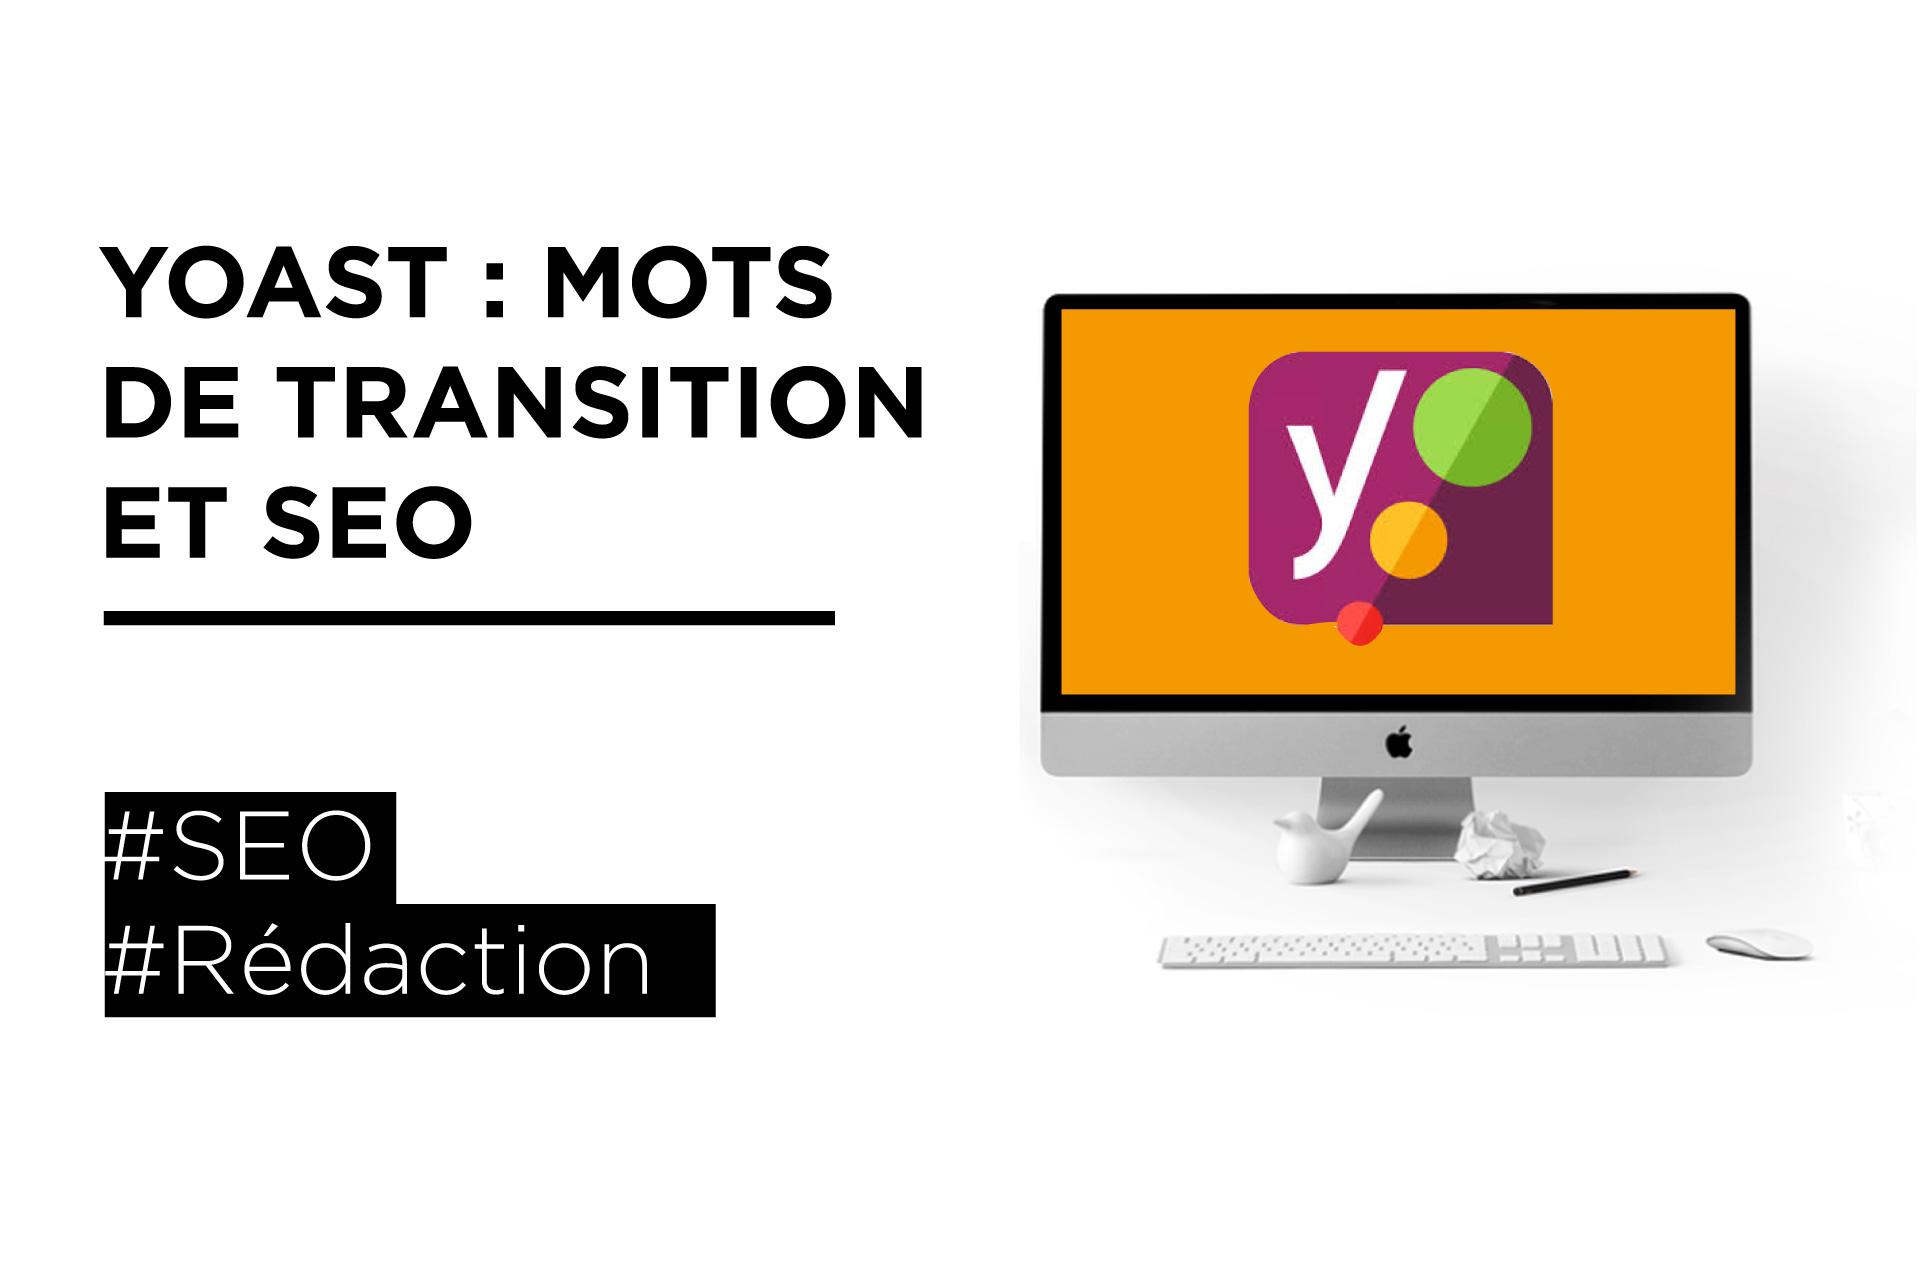 Yoast-mot-de-transition